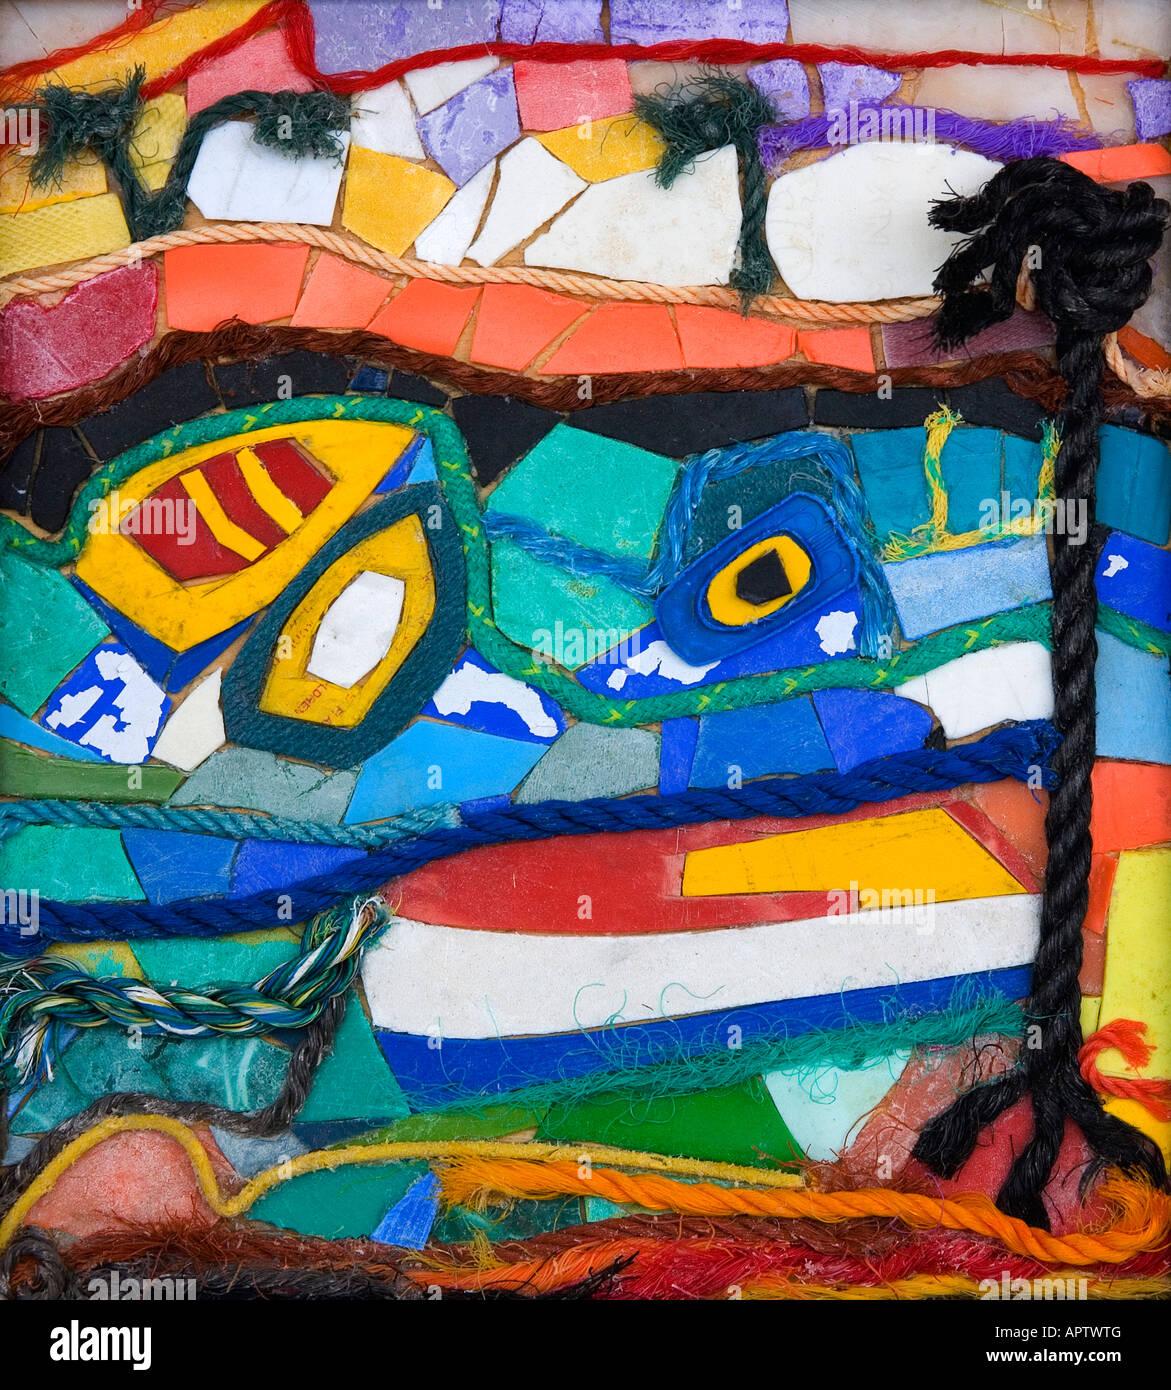 L'image des Caraïbes par Nicola Scott Taylor . Un collage de morceaux de corde et plastique recueillies Photo Stock